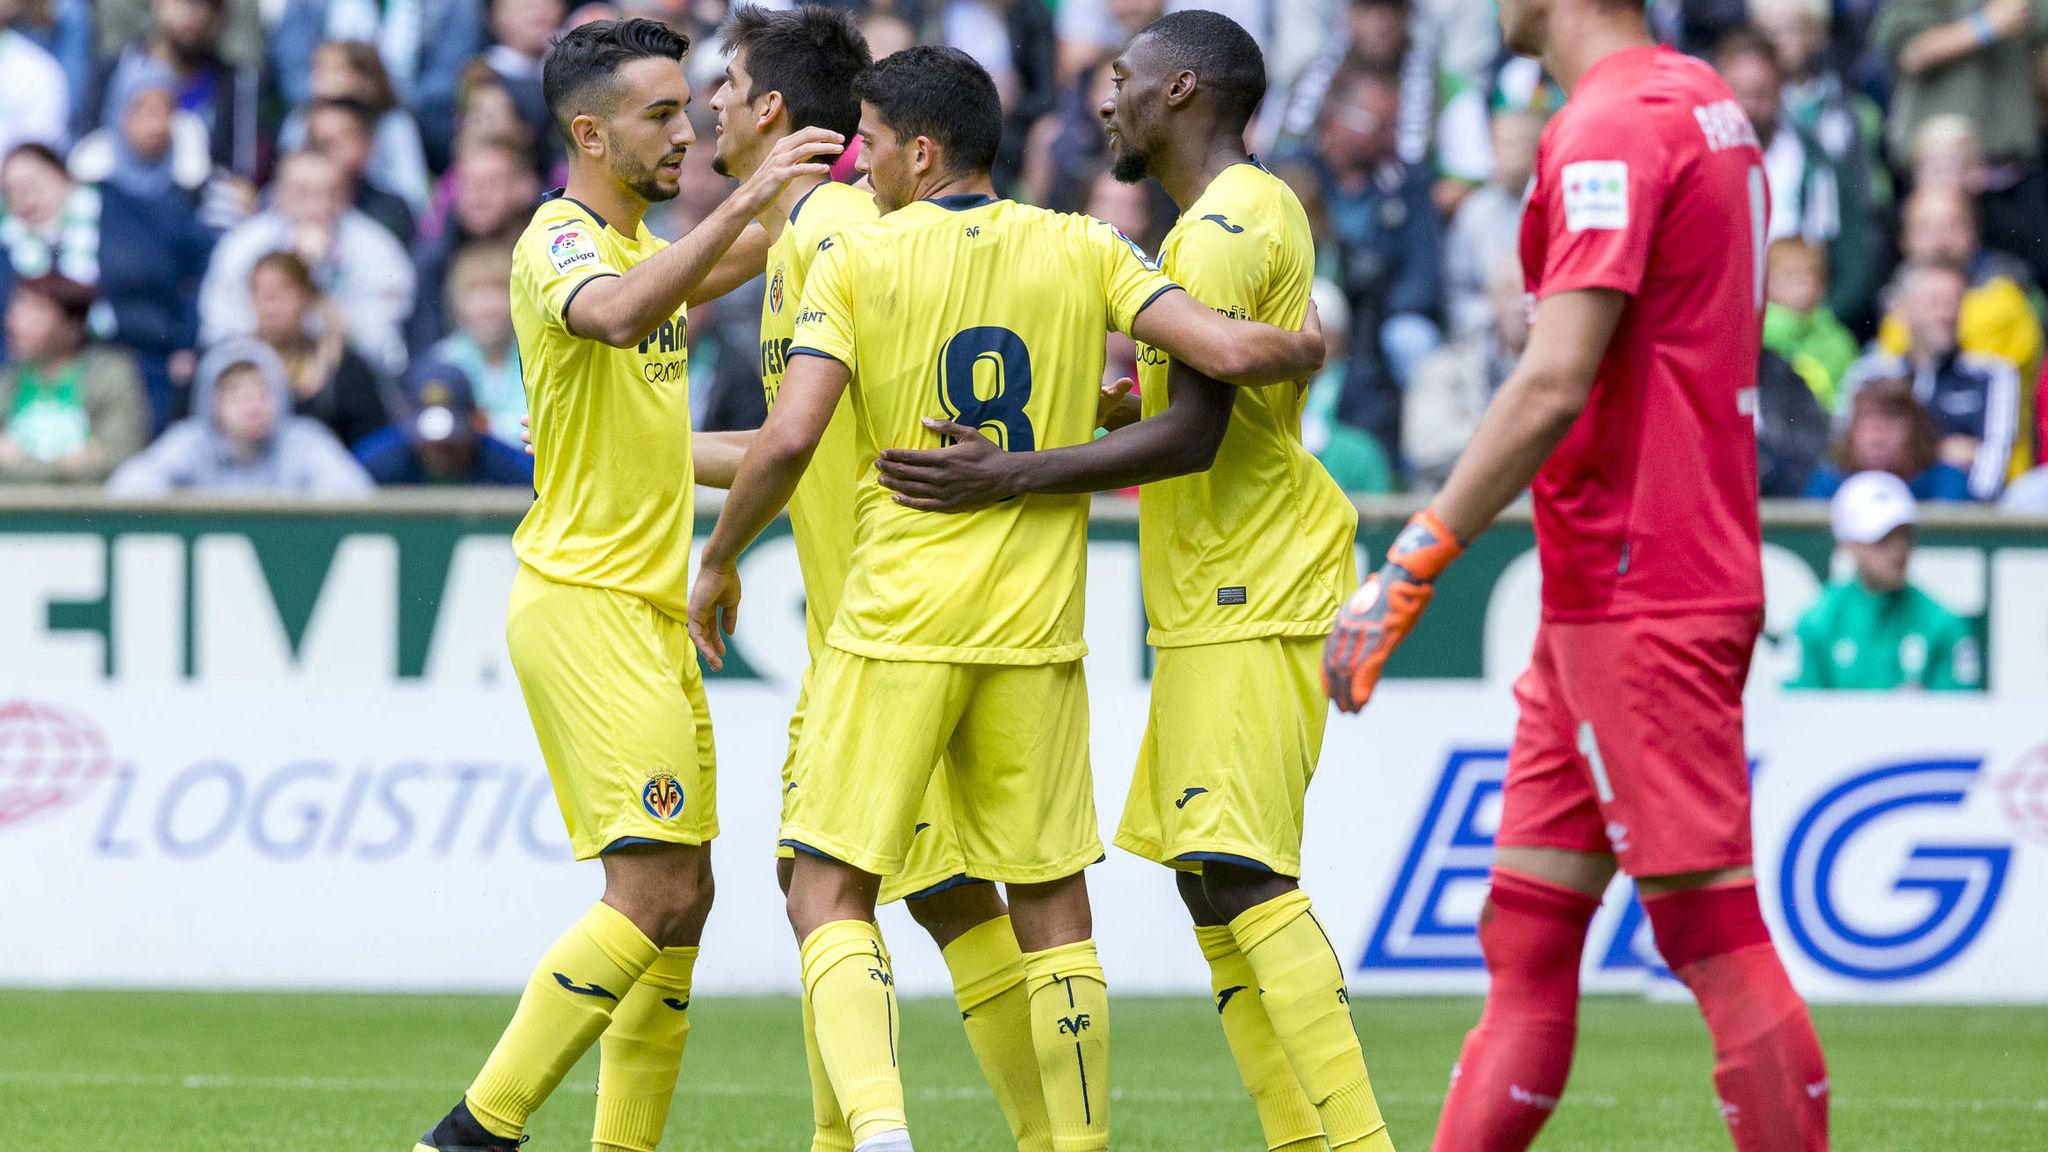 Jugadores del Villarreal celebran un gol ante el Werder Bremen.